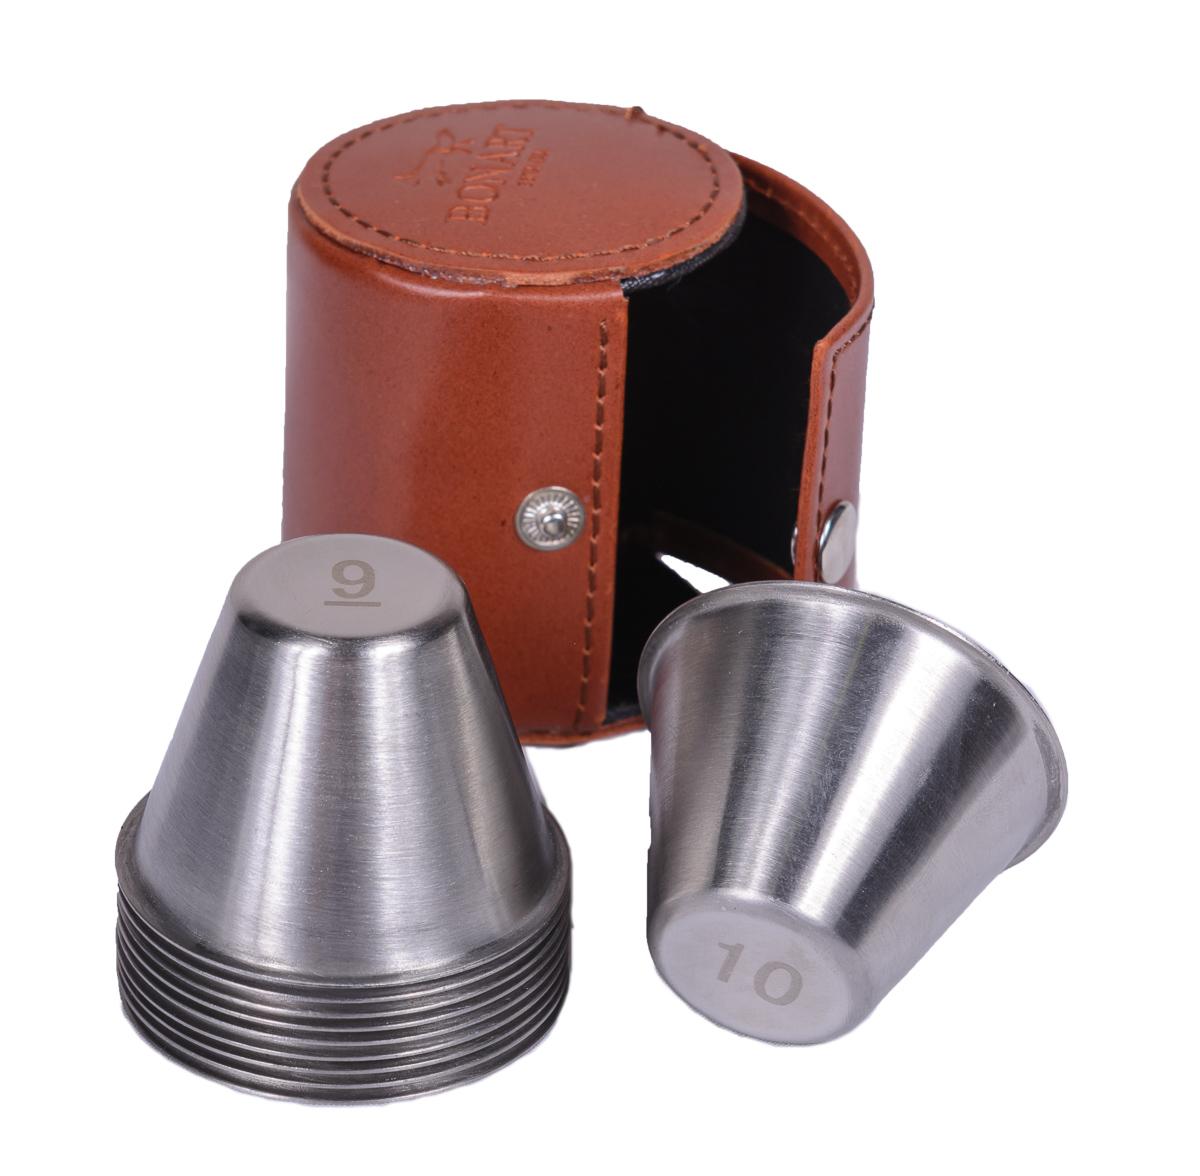 Small cup set (10pcs)